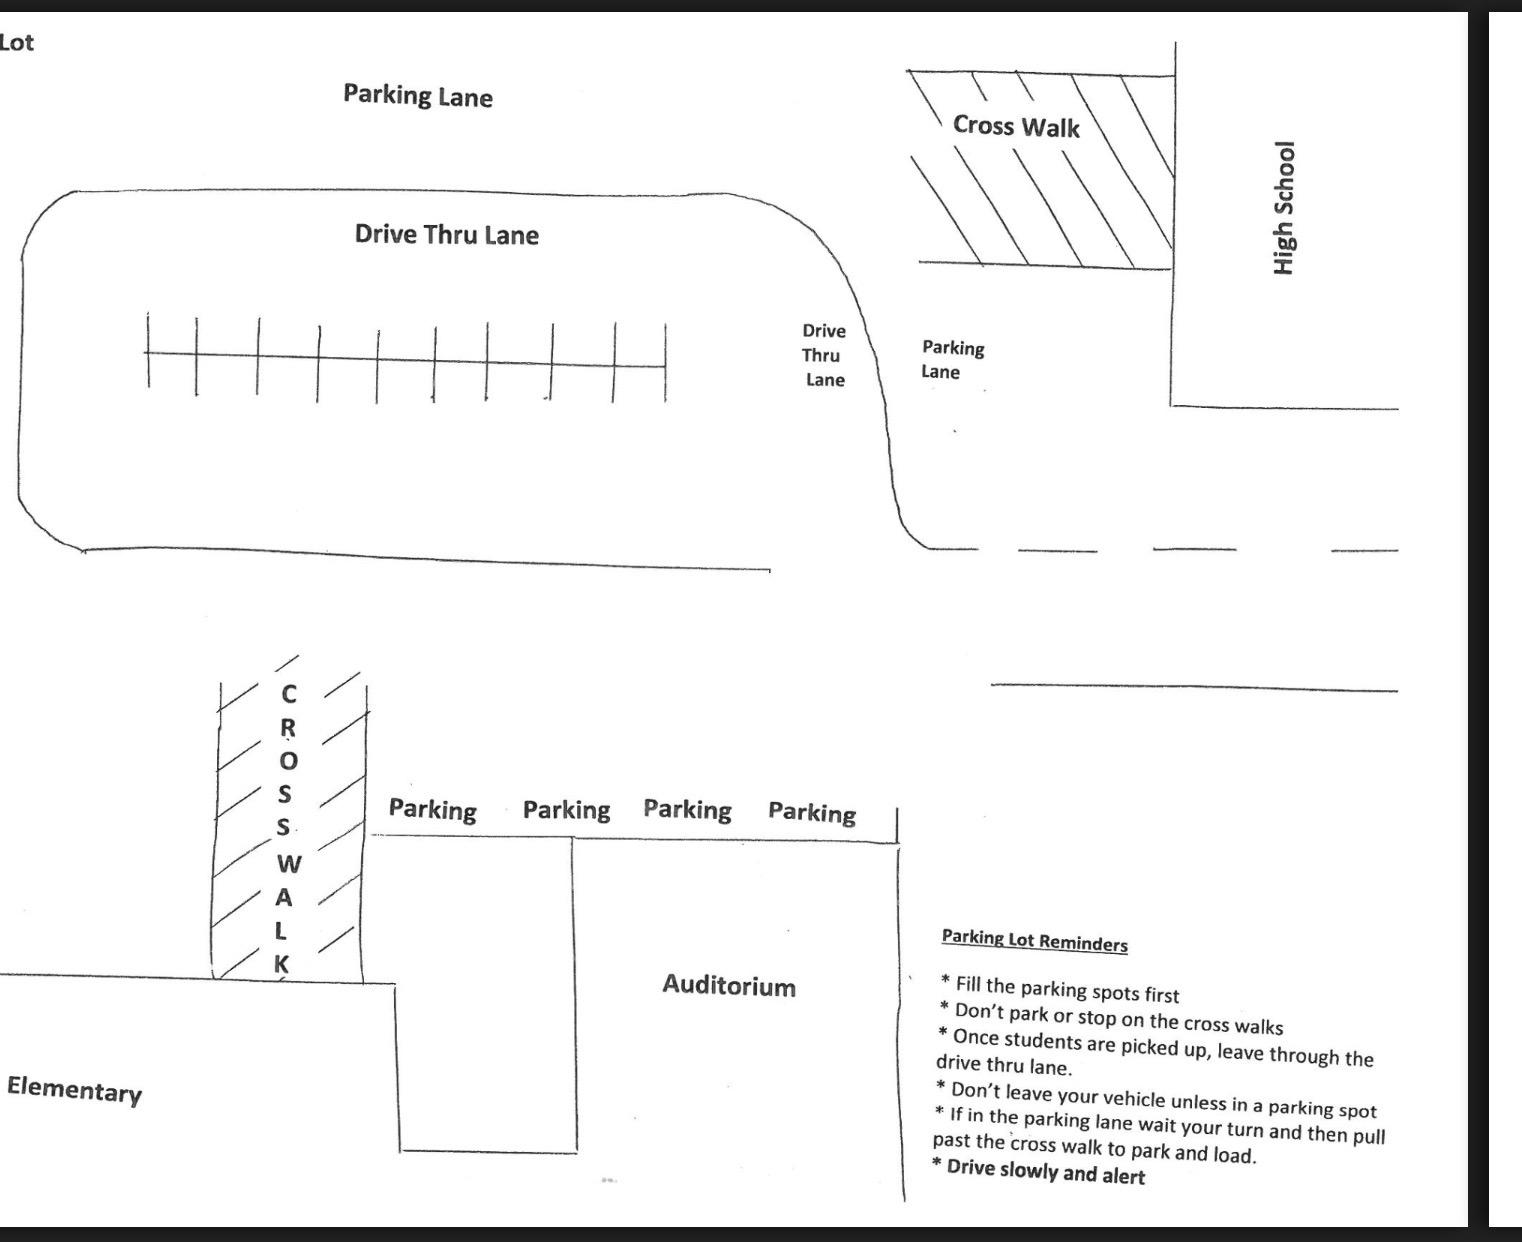 Parking lane map